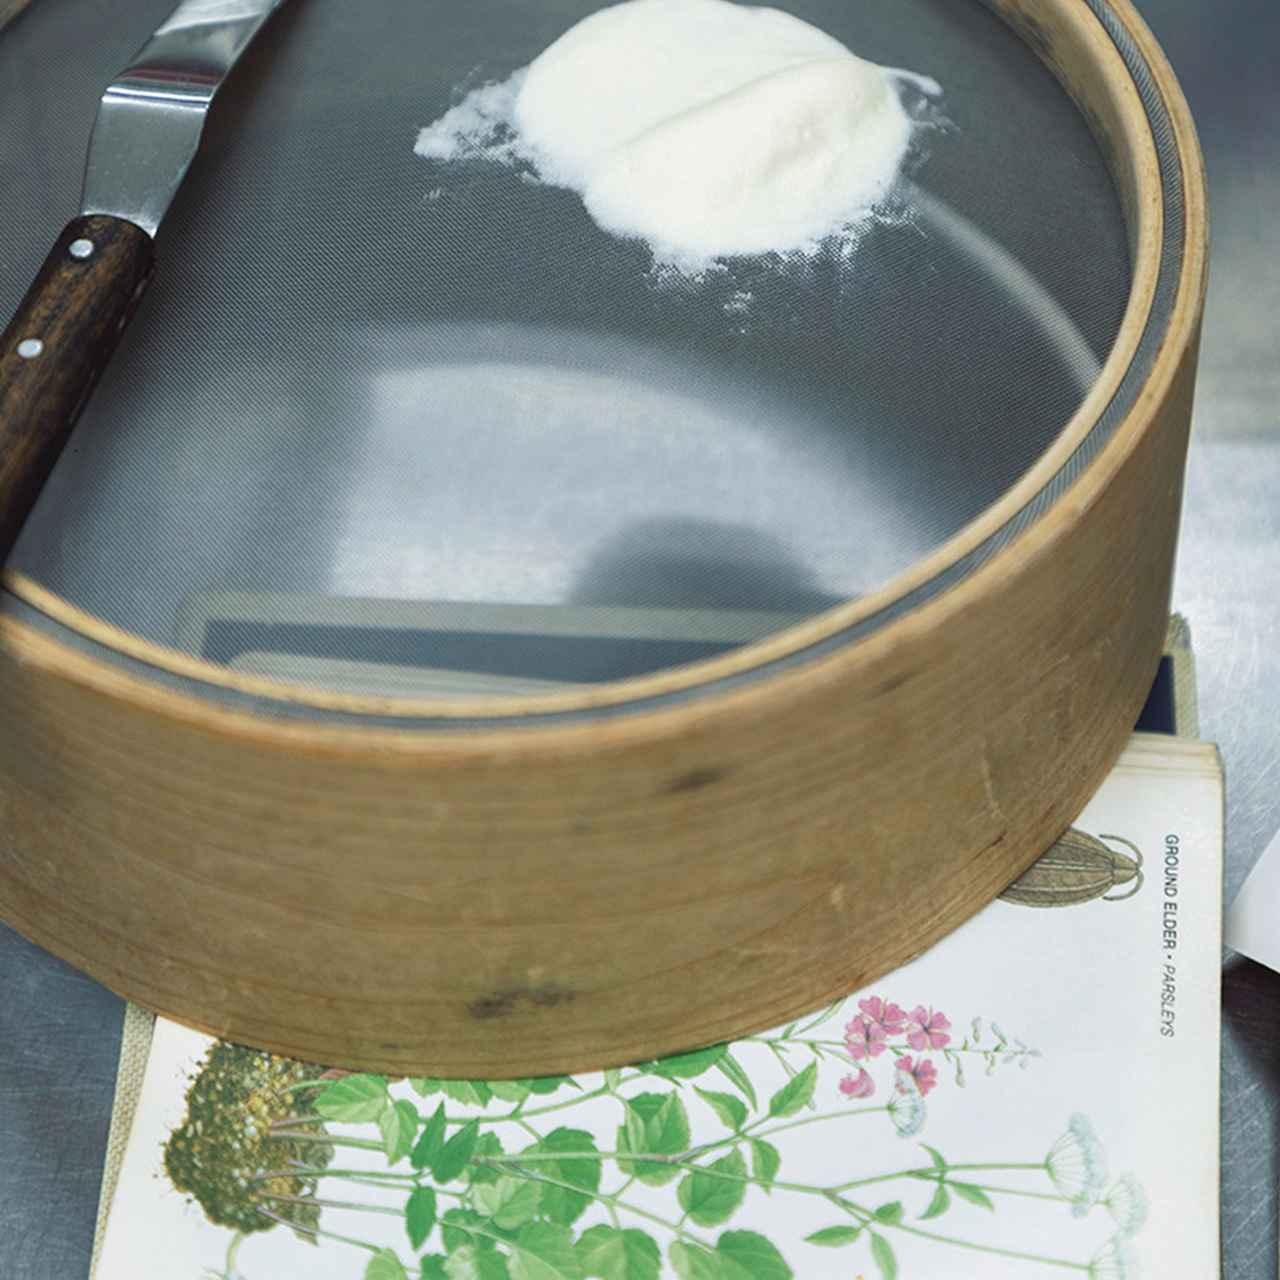 Images : 2番目の画像 - 「パーラー ローレルの 熟練職人が紡ぎだす 花のケーキの物語」のアルバム - T JAPAN:The New York Times Style Magazine 公式サイト